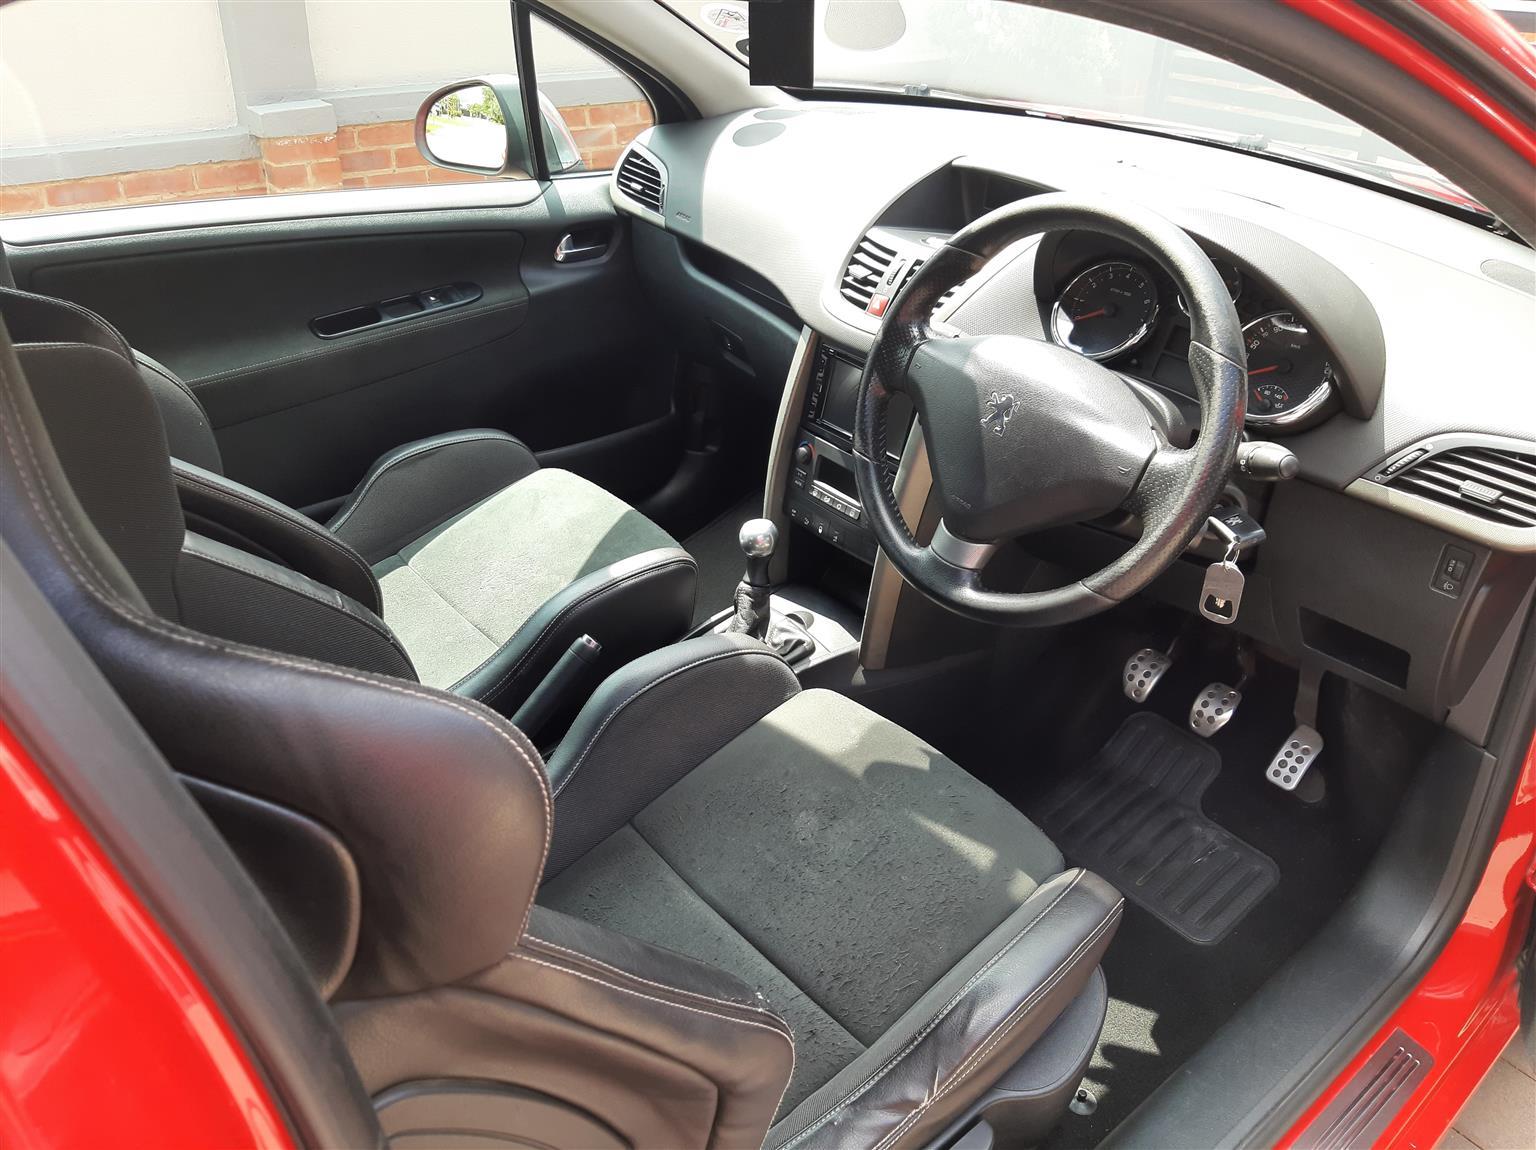 2008 Peugeot 207 1.6 GTi 3 door